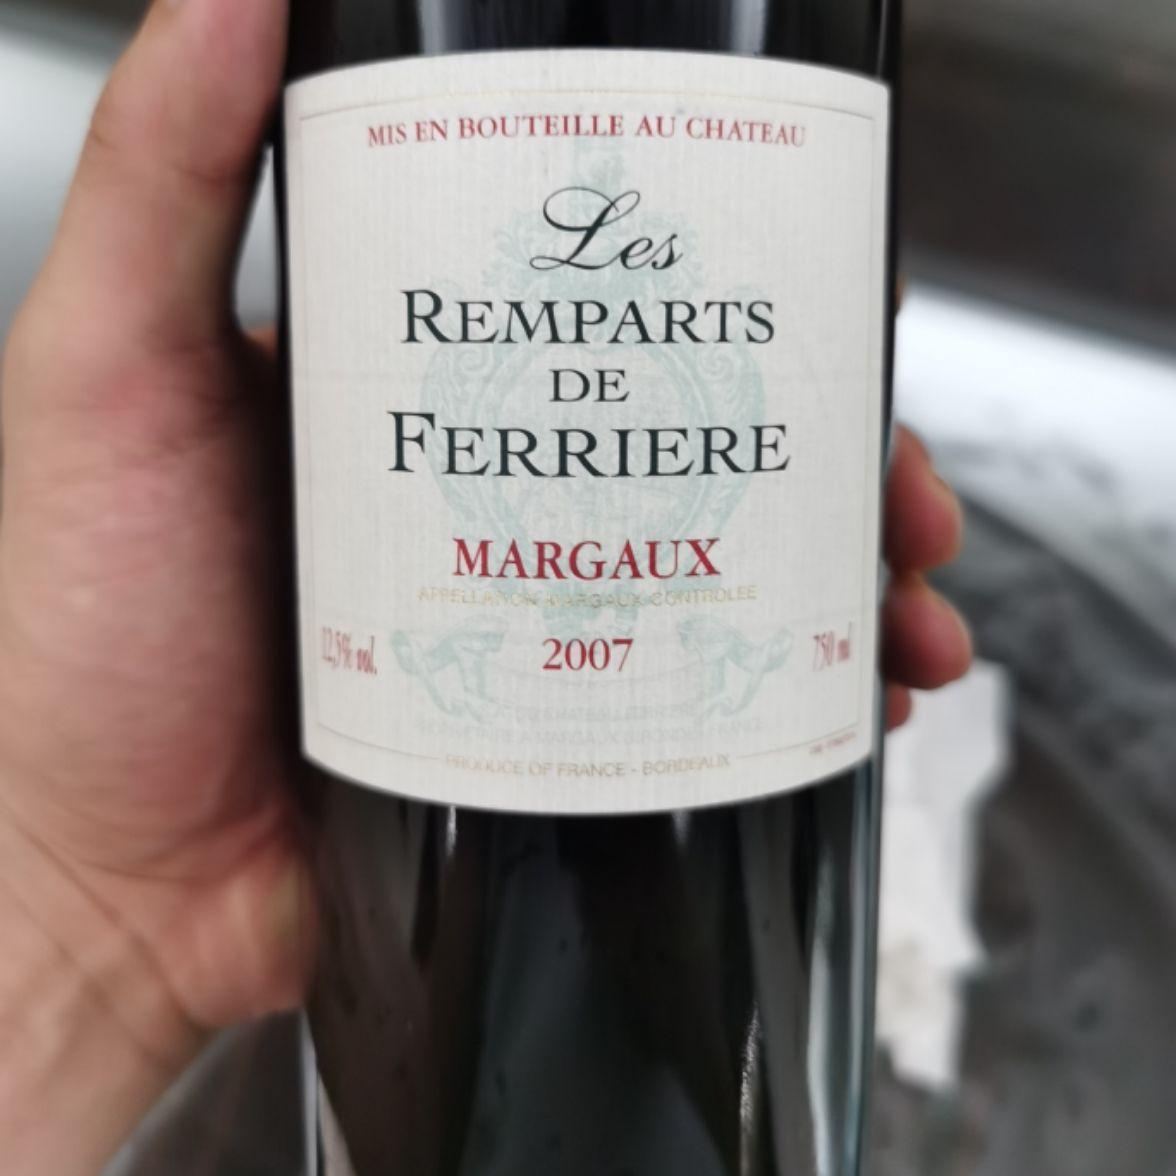 费里埃酒庄副牌干红Les Remparts de Ferriere